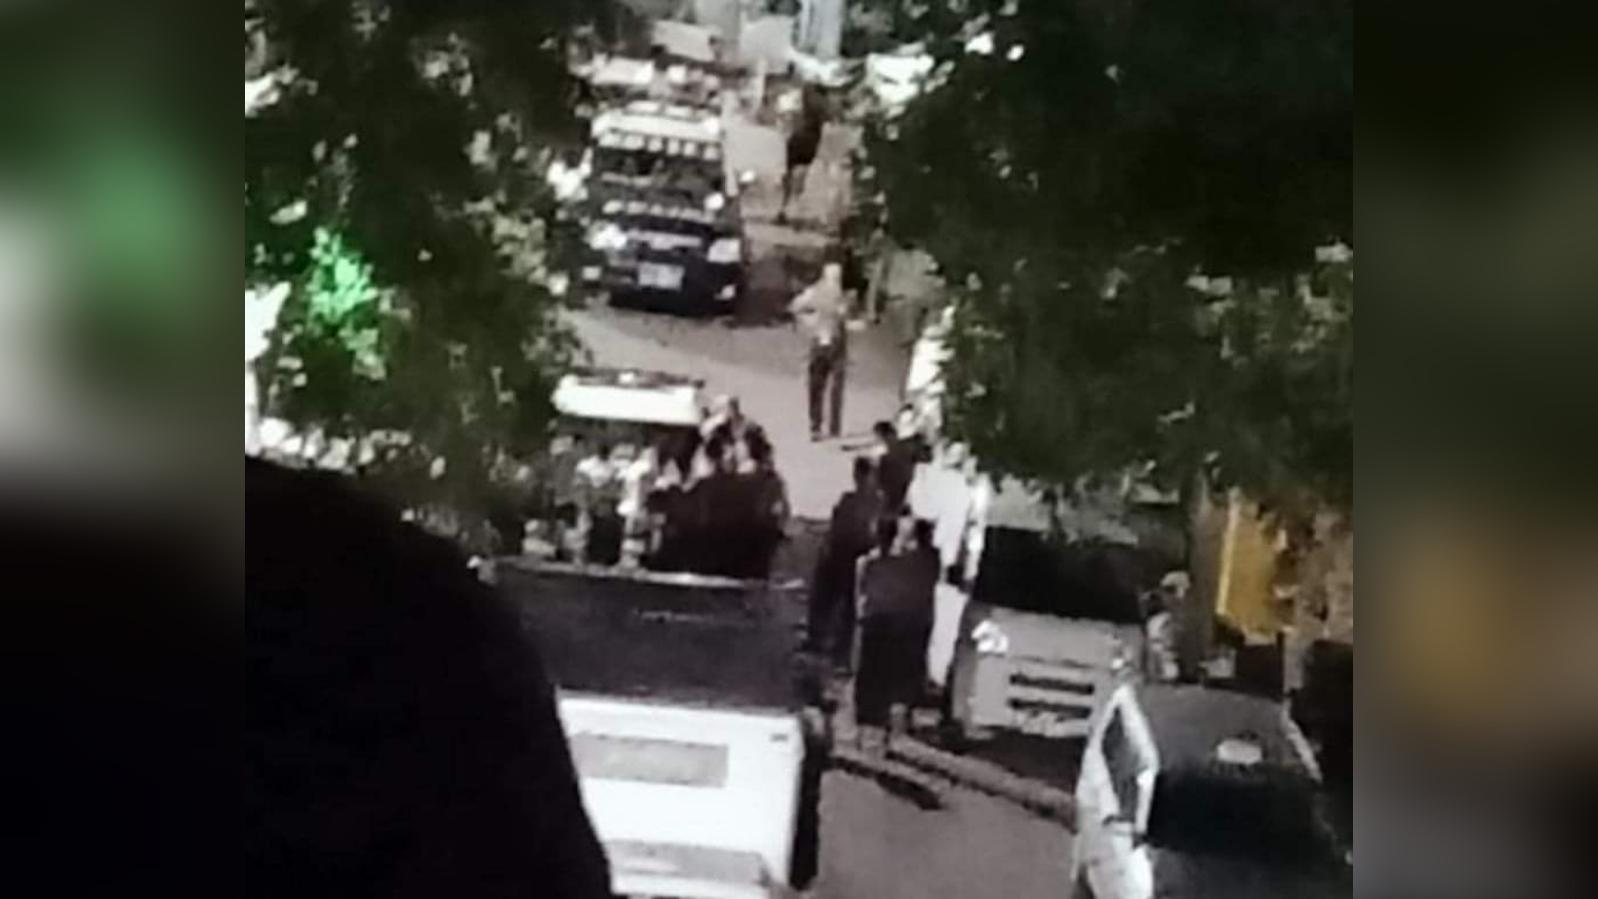 မင်္ဂလာတောင်ညွန့်မှာ စစ်အုပ်စုက စျေးရောင်းနေတဲ့ လူငယ်တစ်ဦးကို ပစ်သတ်